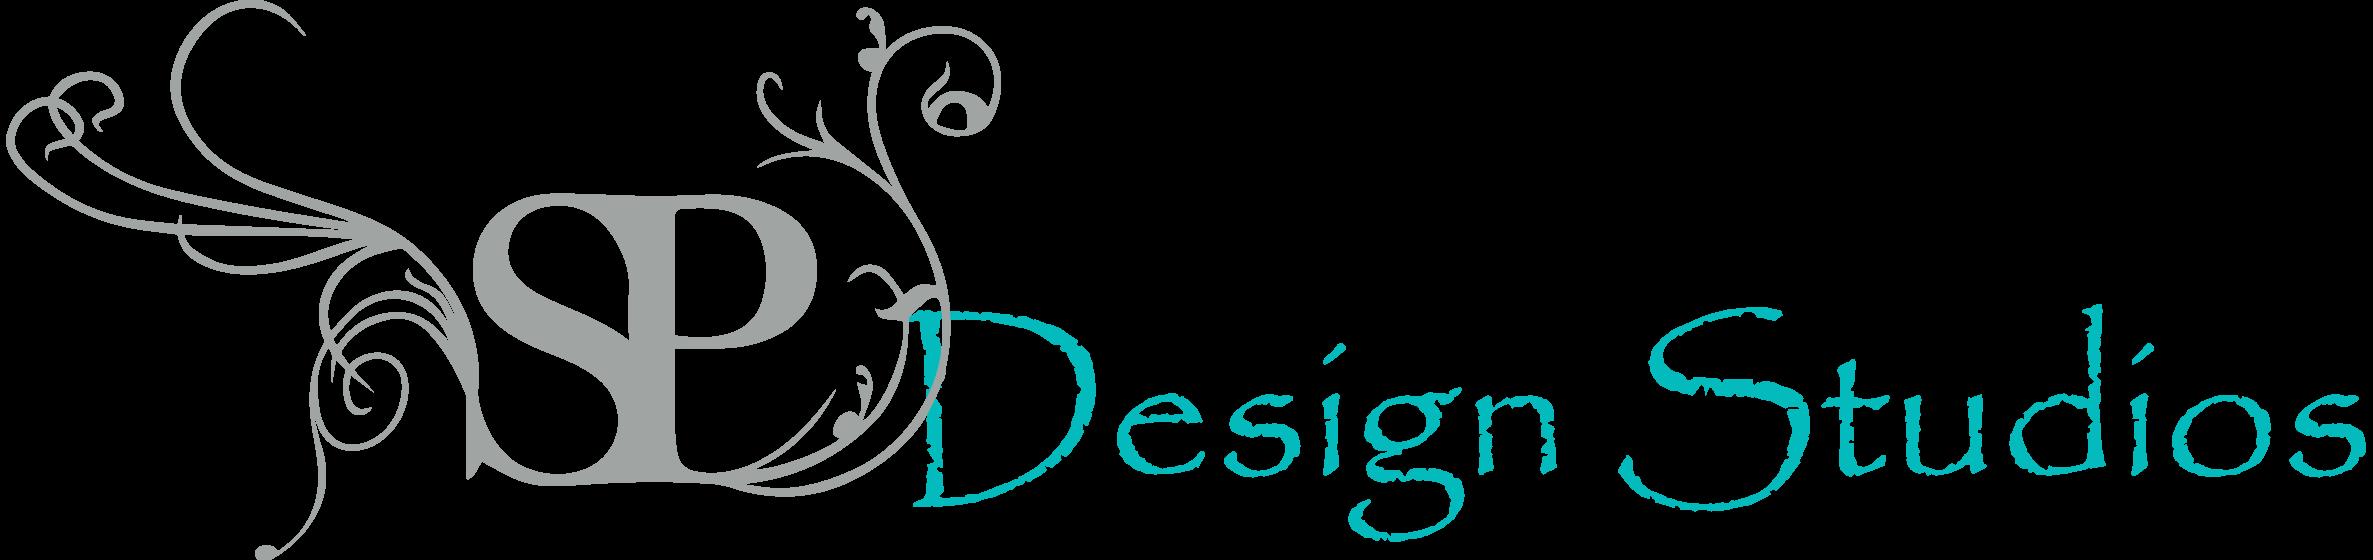 SP Design Studios